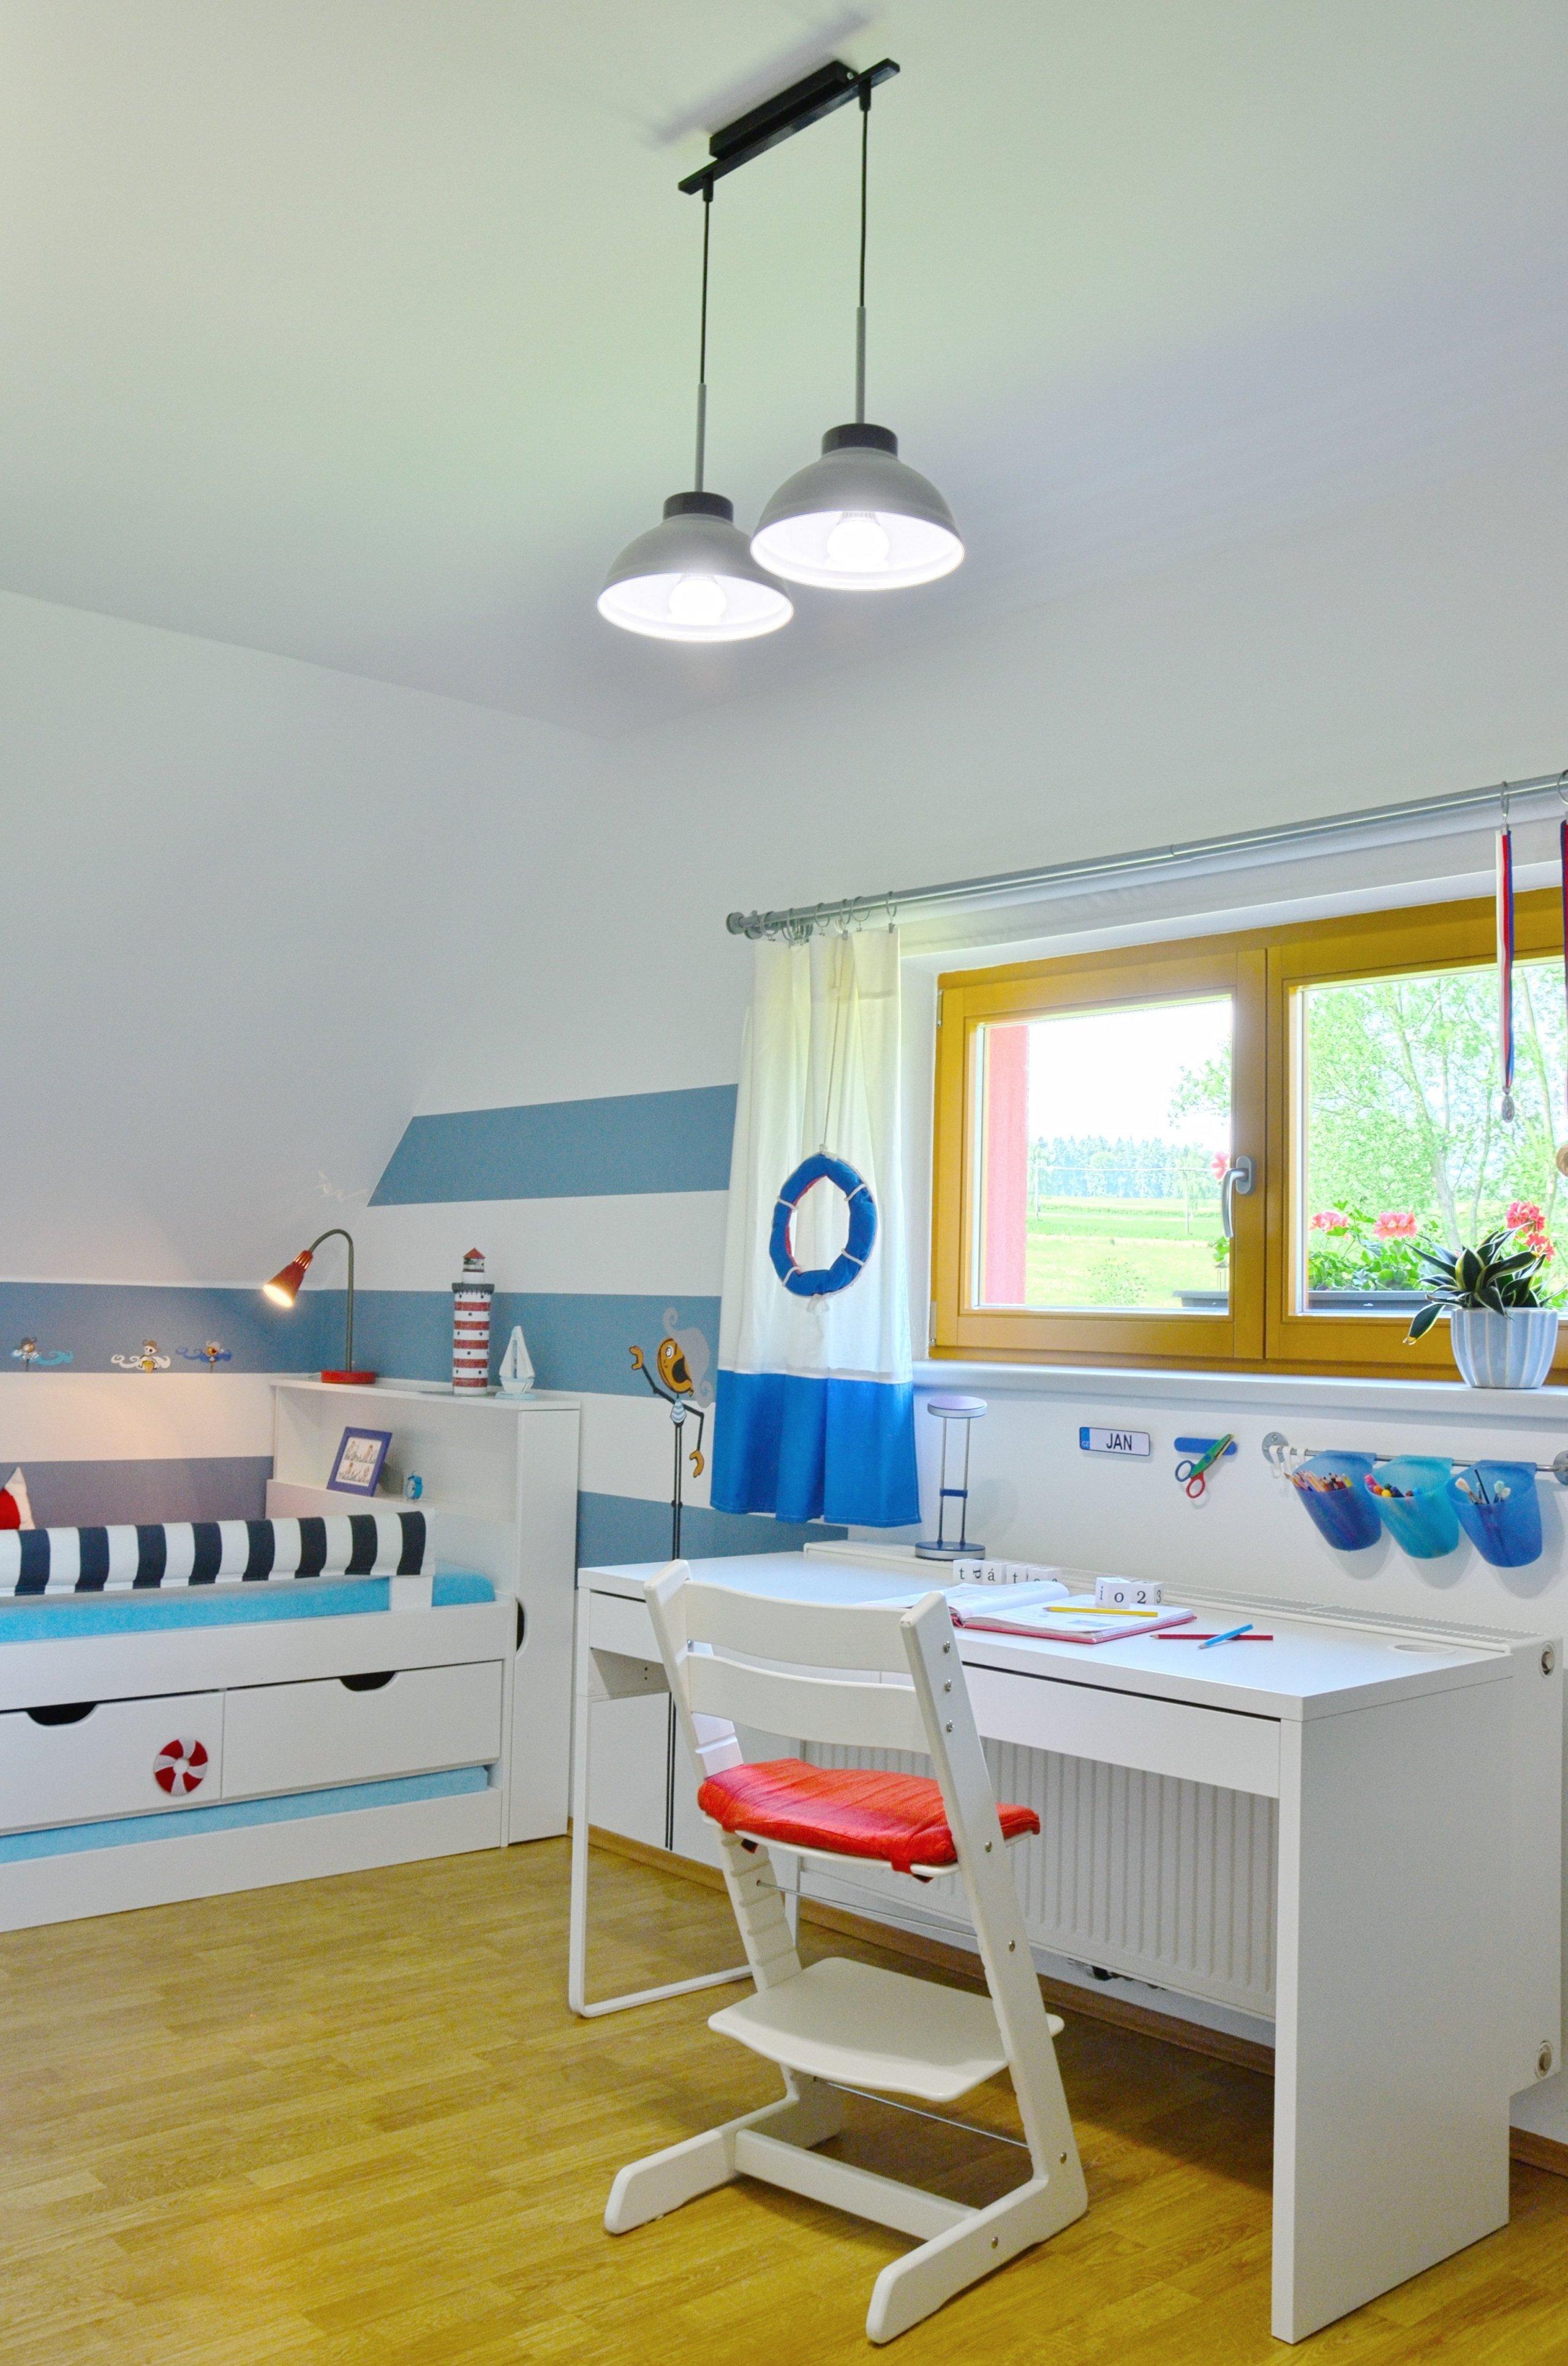 V pokoji bylo třeba vytvořit zónu na spaní, hrací koutek a do budoucna učení. Postel je zrealizována jako vestavěná do niky pod šikminou - atypická, na míru…